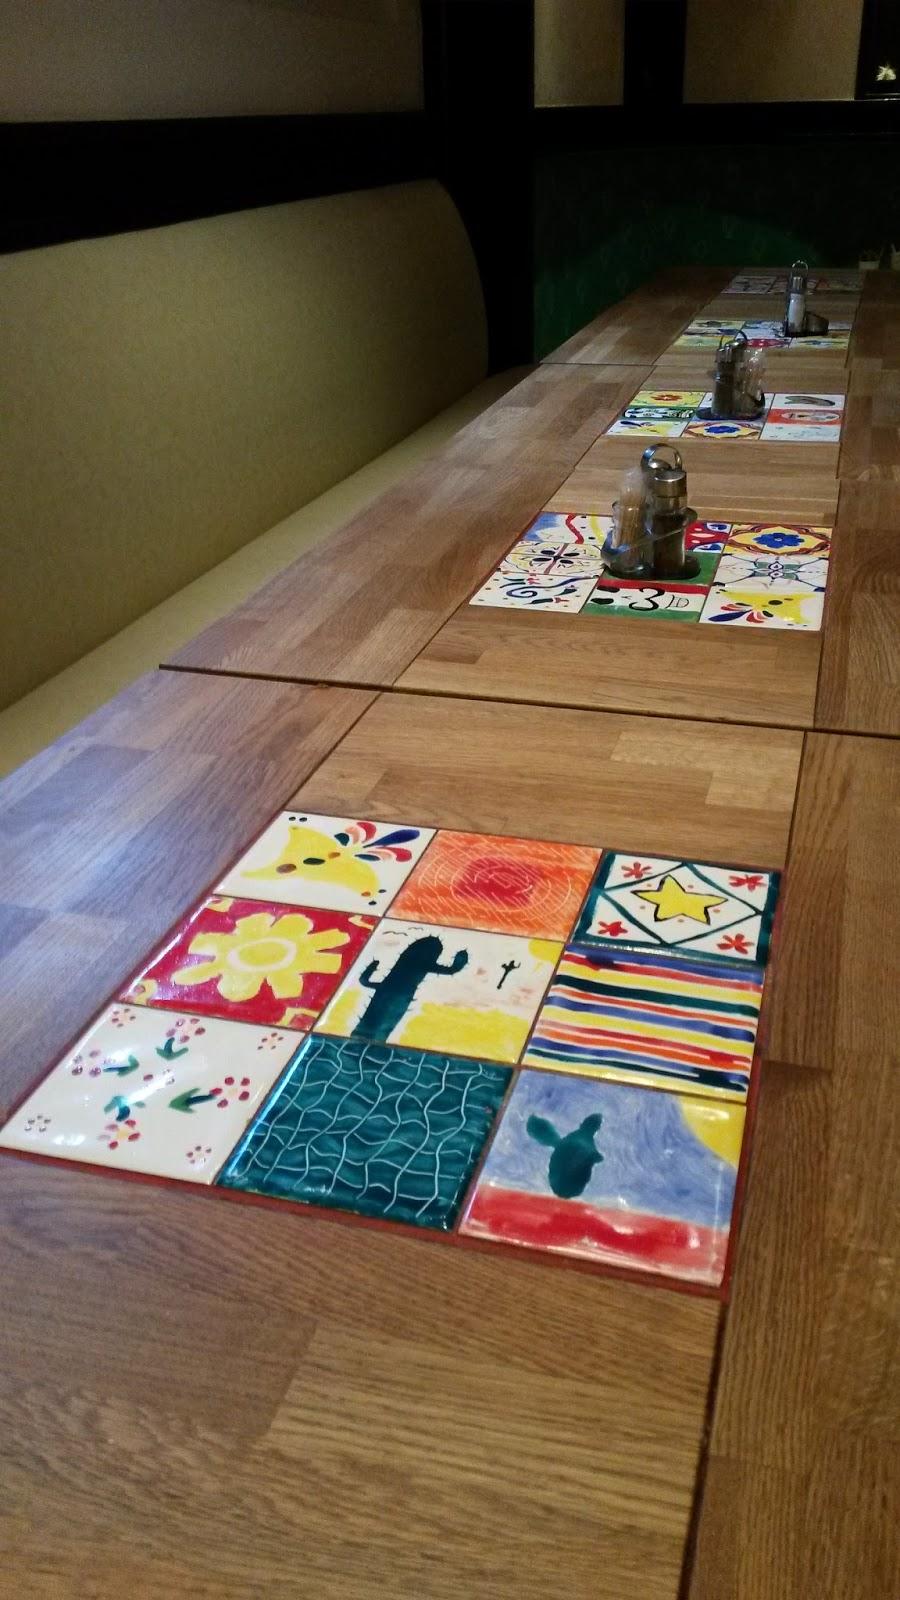 Enchilada és lakberendezés